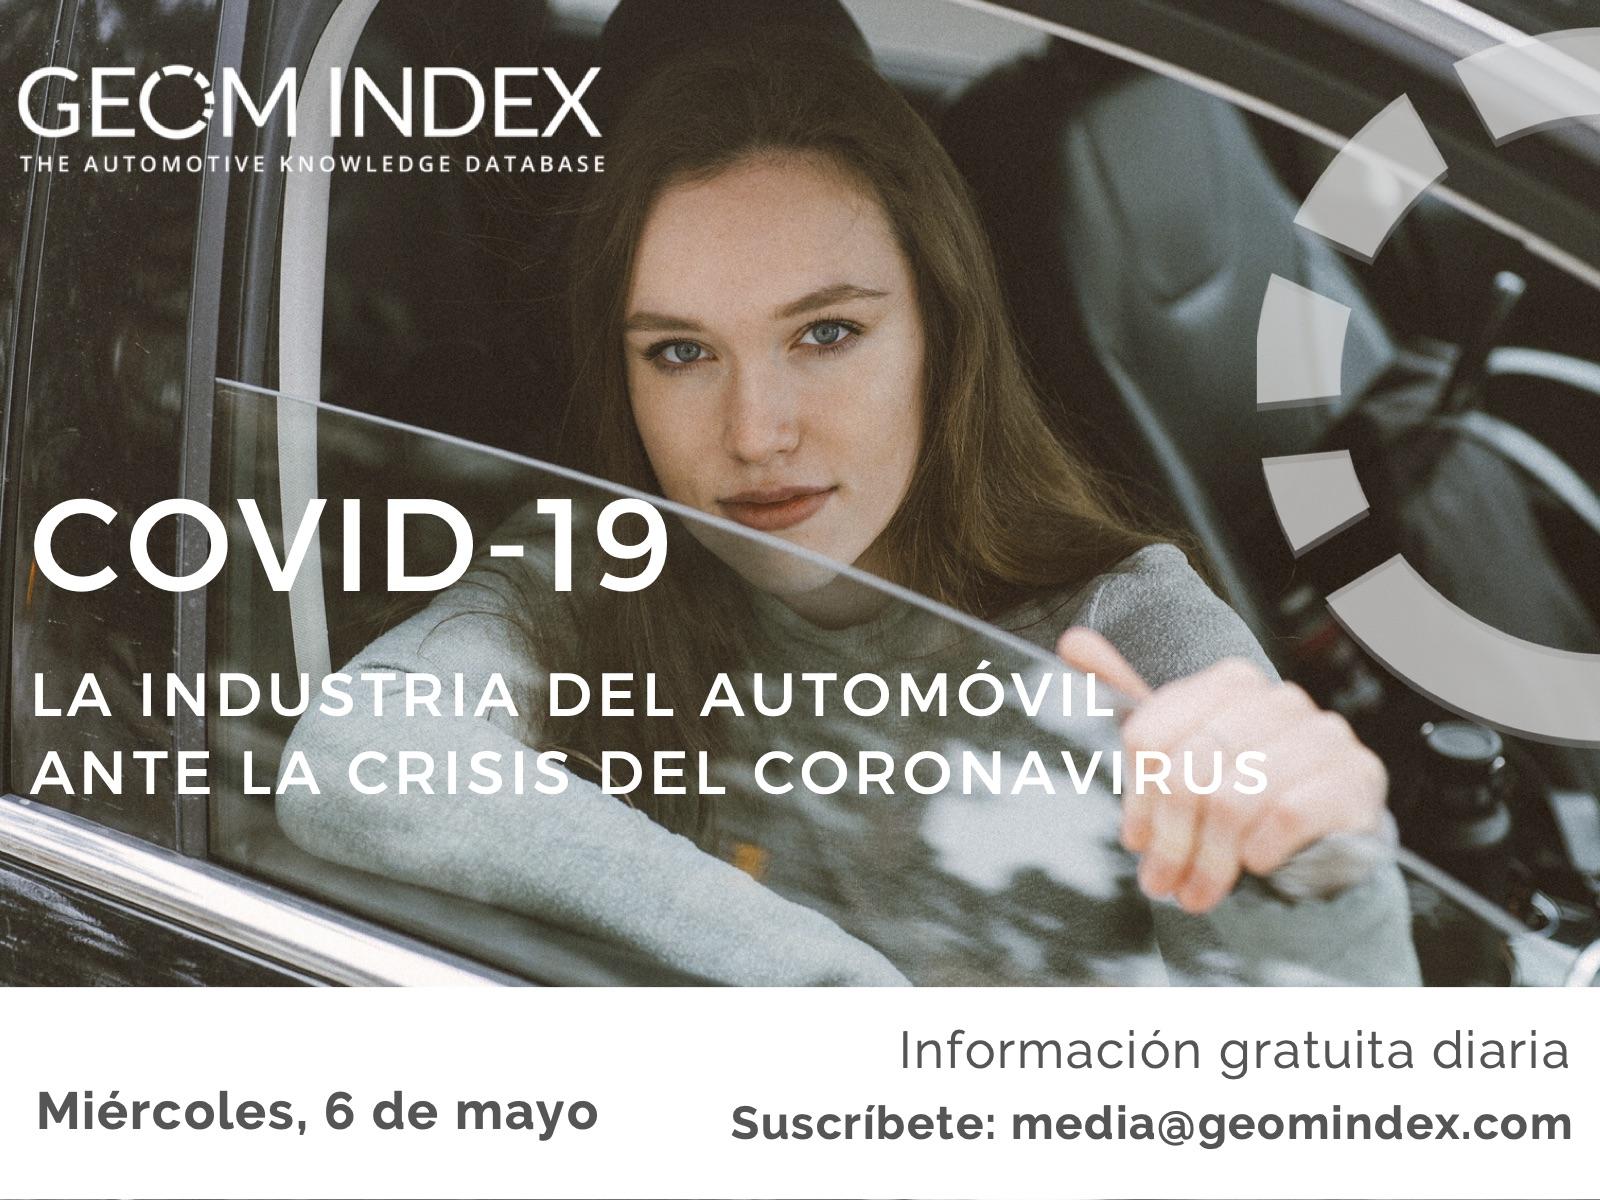 Informe 6 de mayo – La industria del automóvil ante la crisis de la covid-19